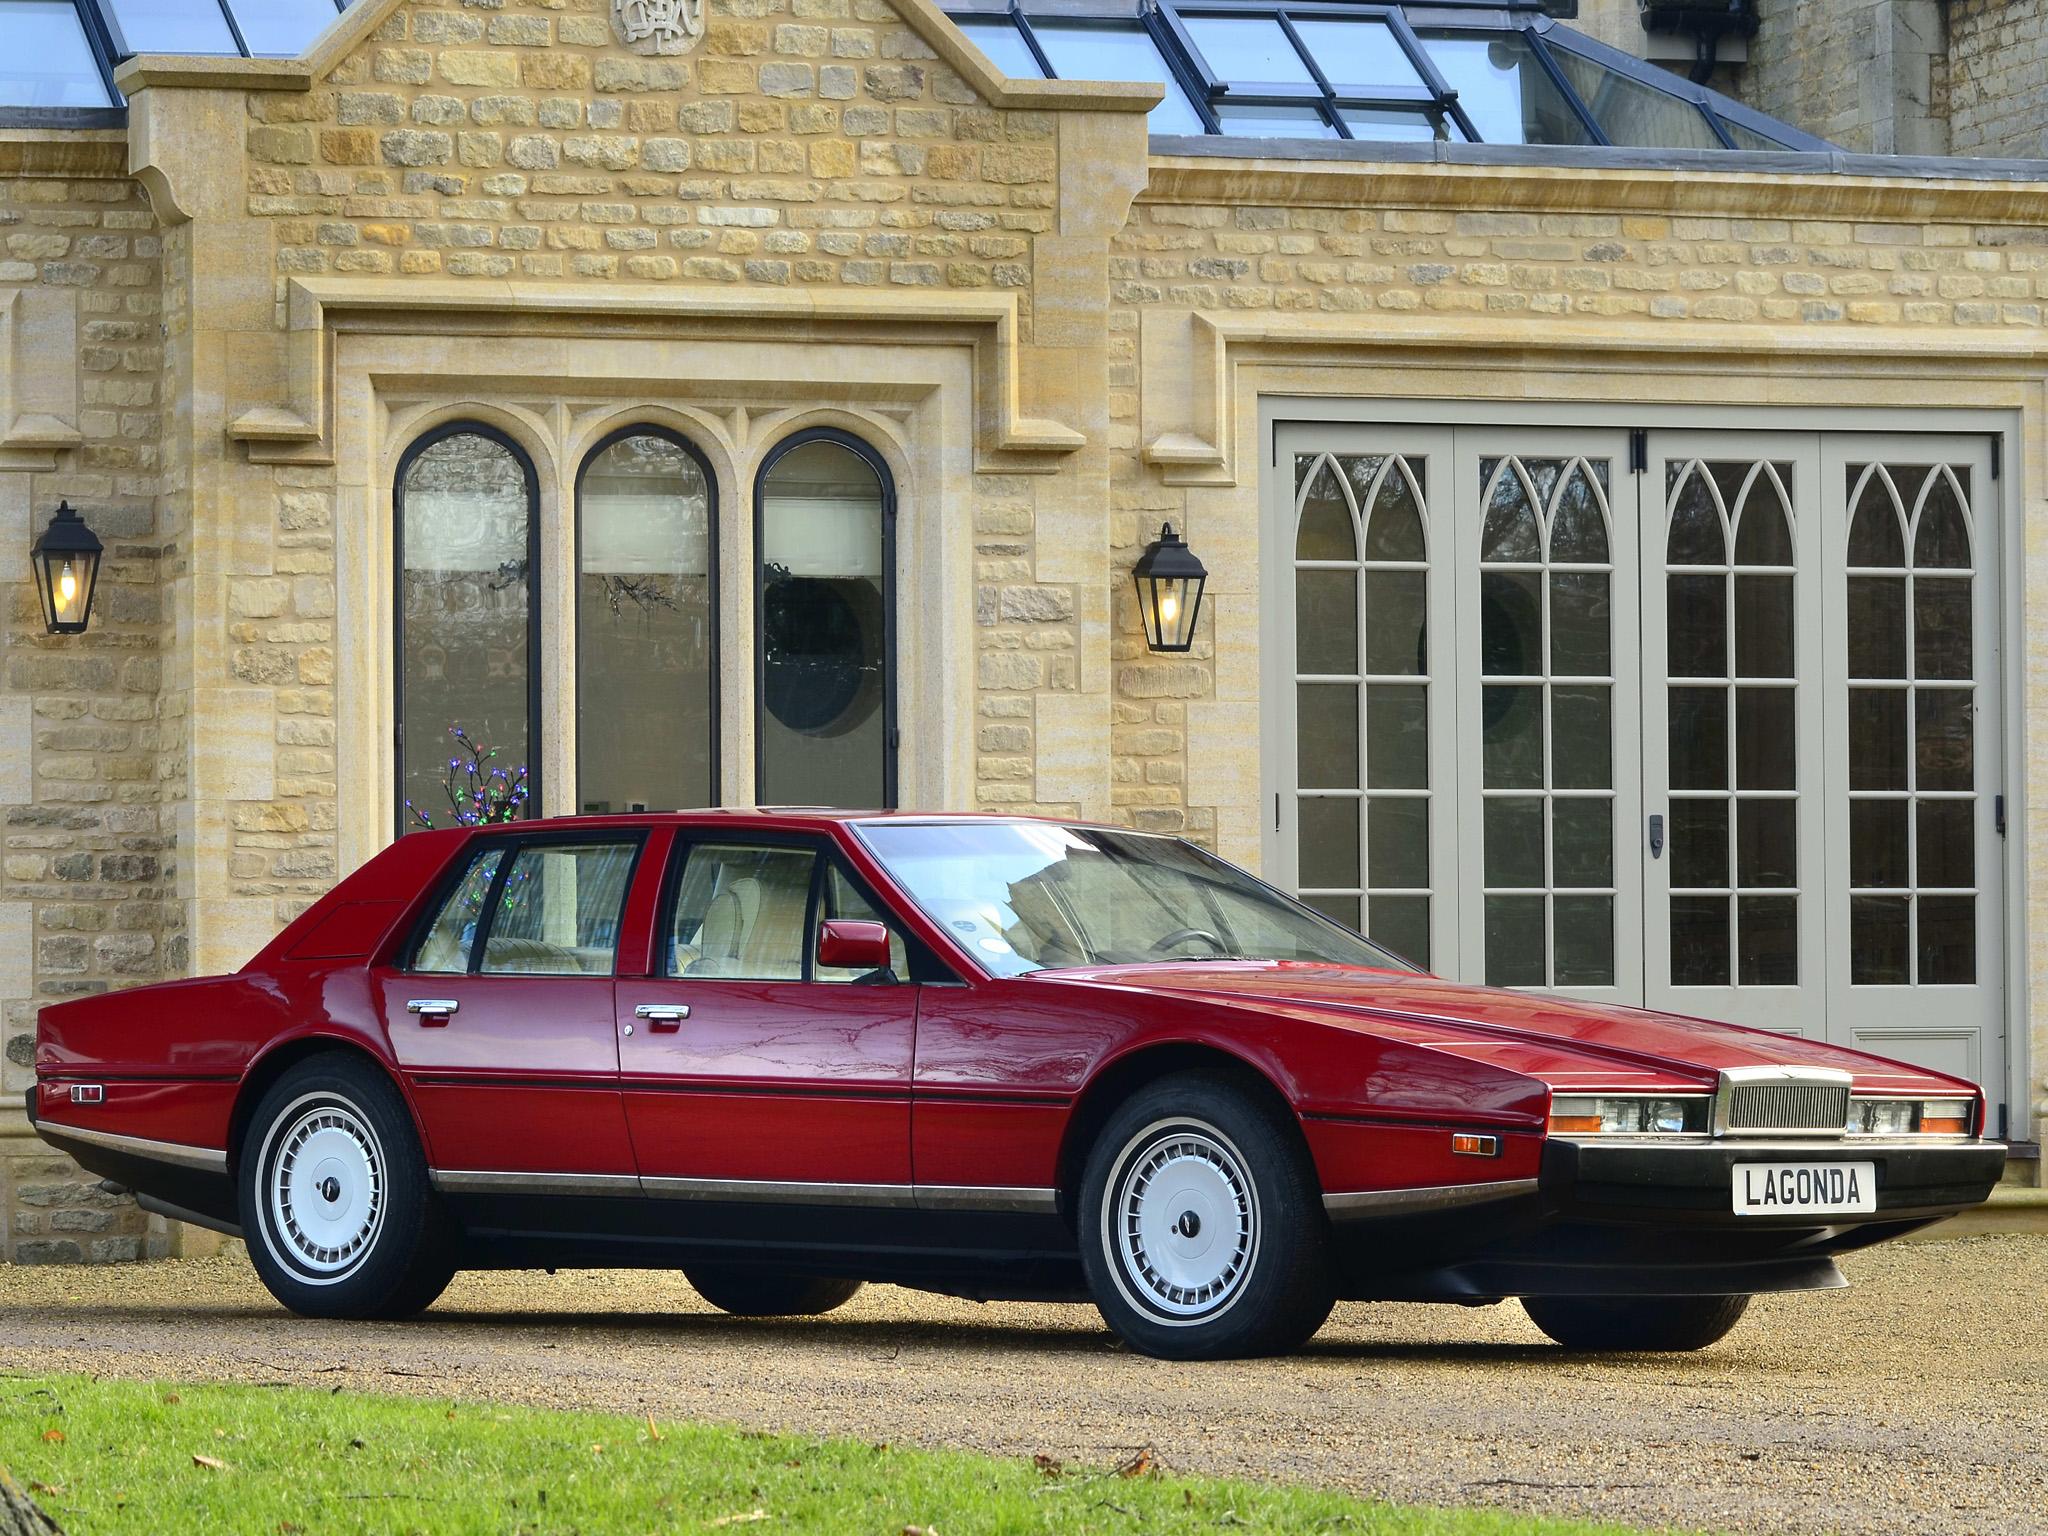 AM Lagonda 1976-87